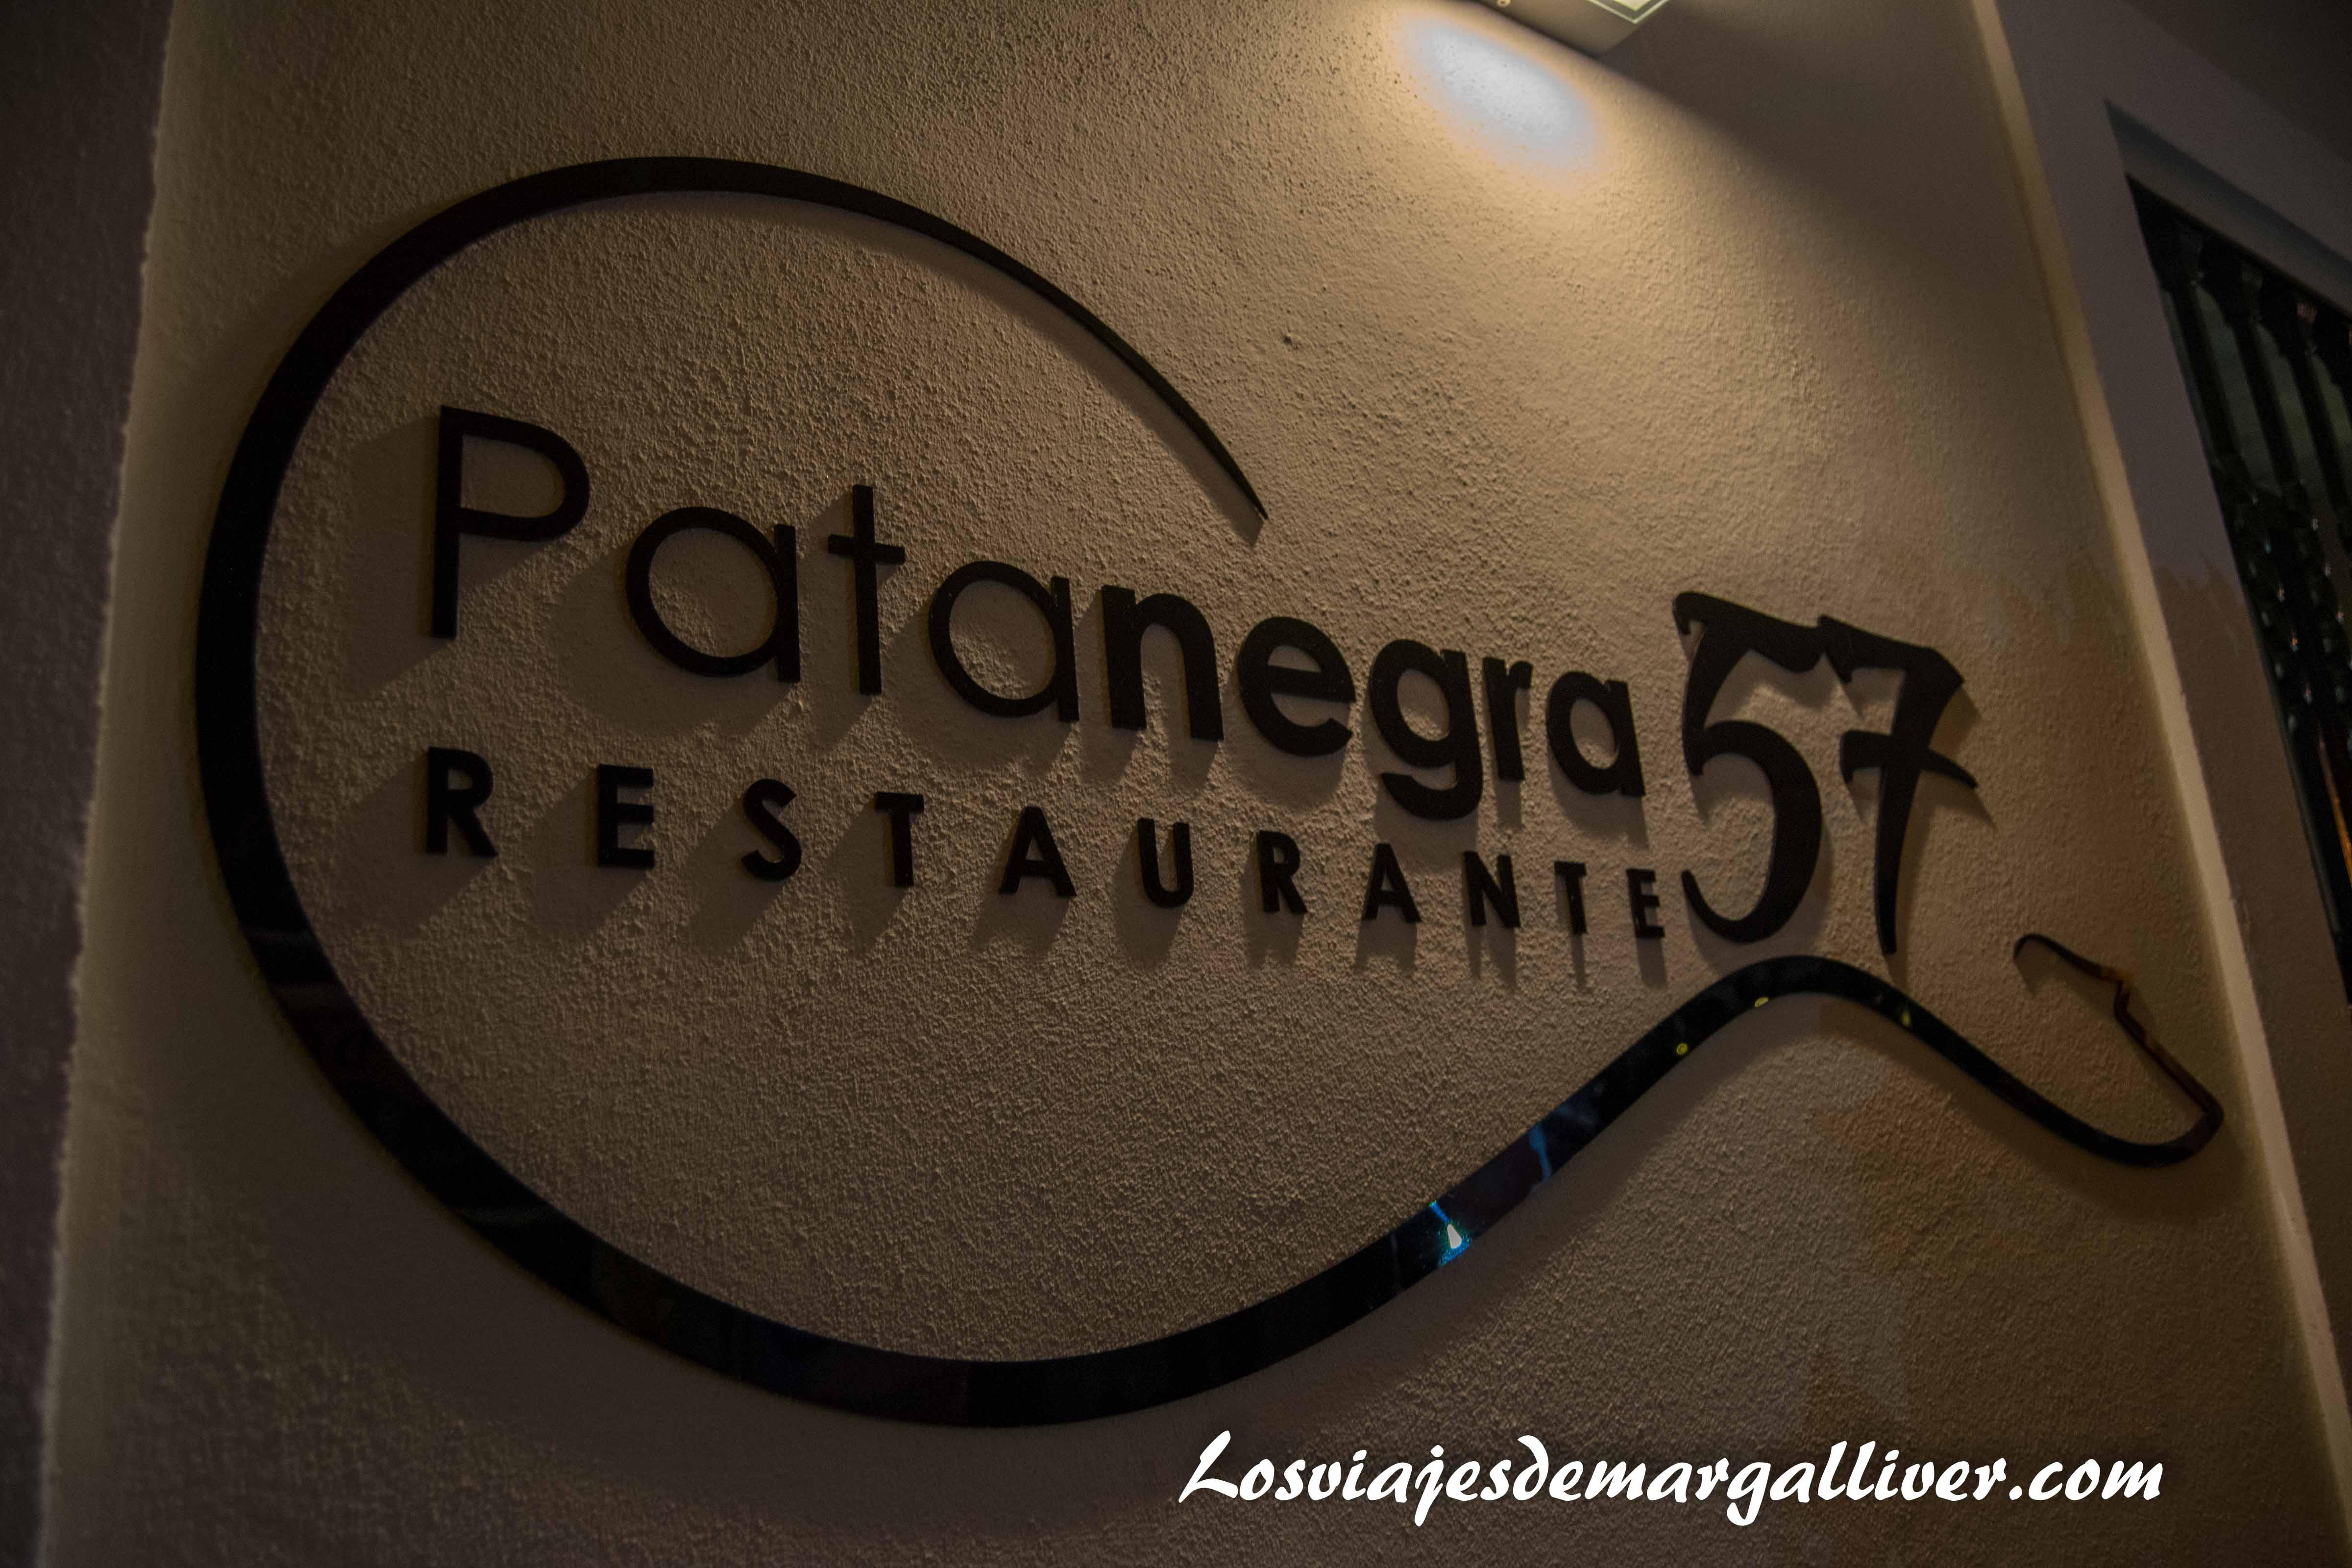 Restaurante patanegra 57 en Nerja - los viajes de Margalliver